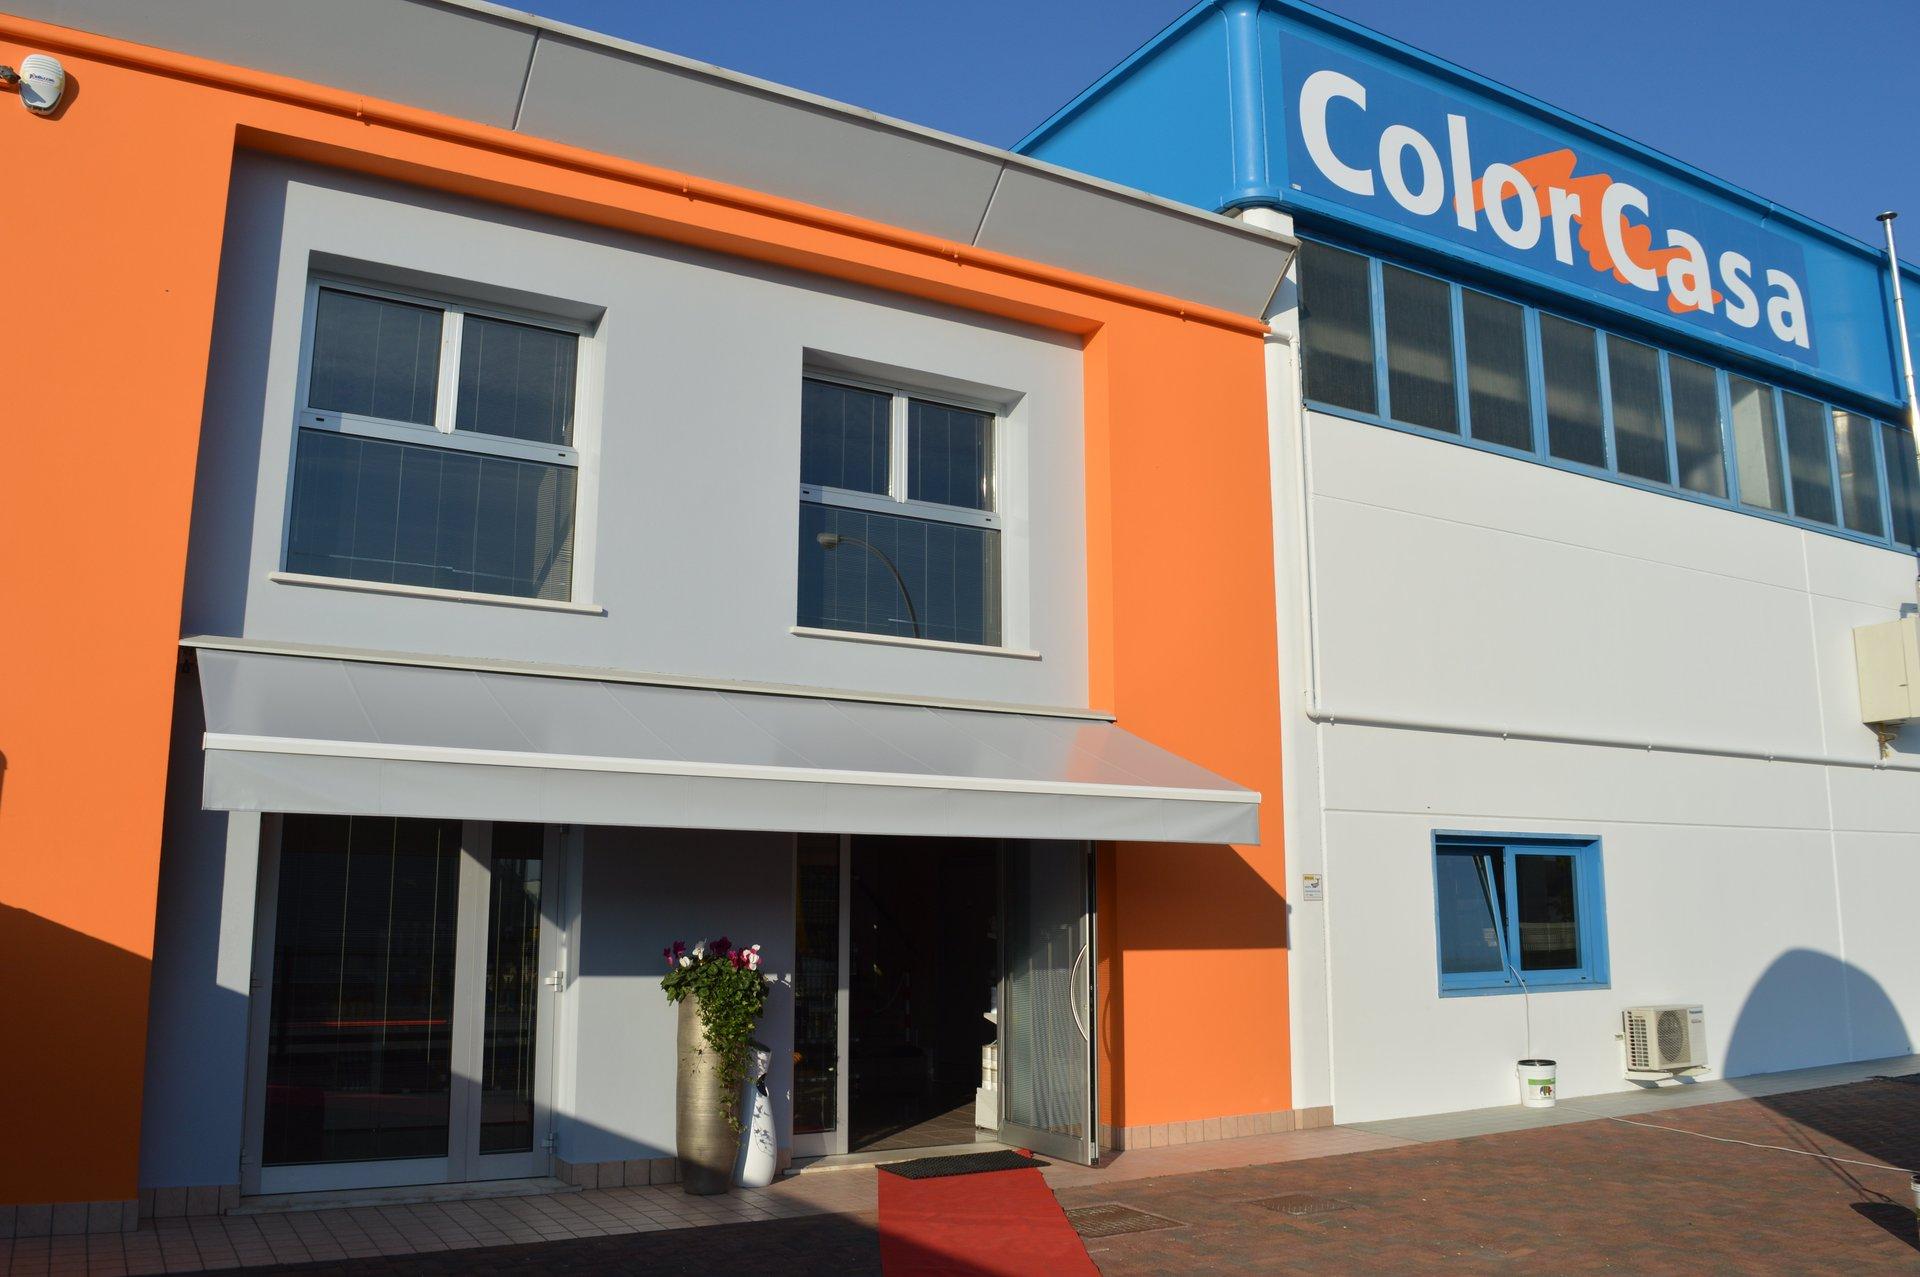 color casa castelfranco